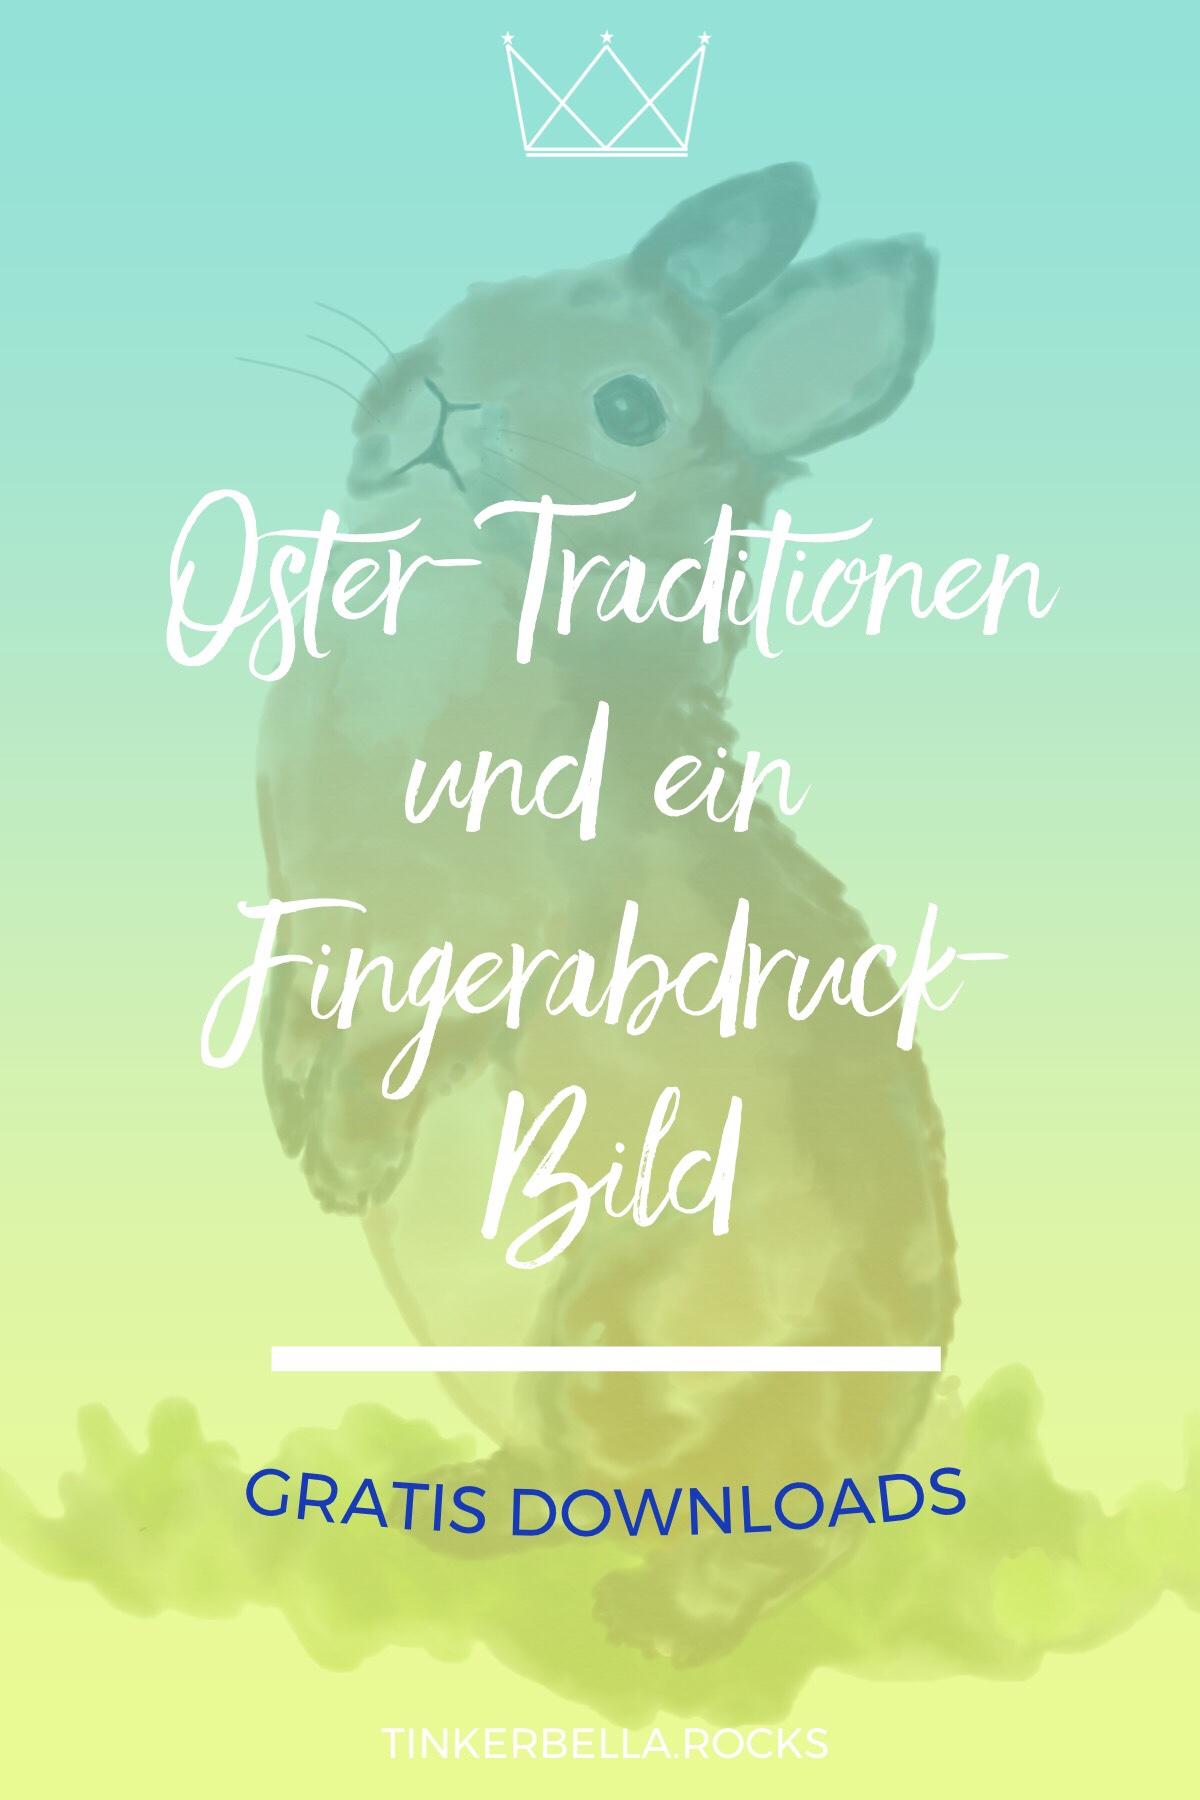 Oster-Traditionen und ein Fingerabdruck-Bild BlogPost Pin